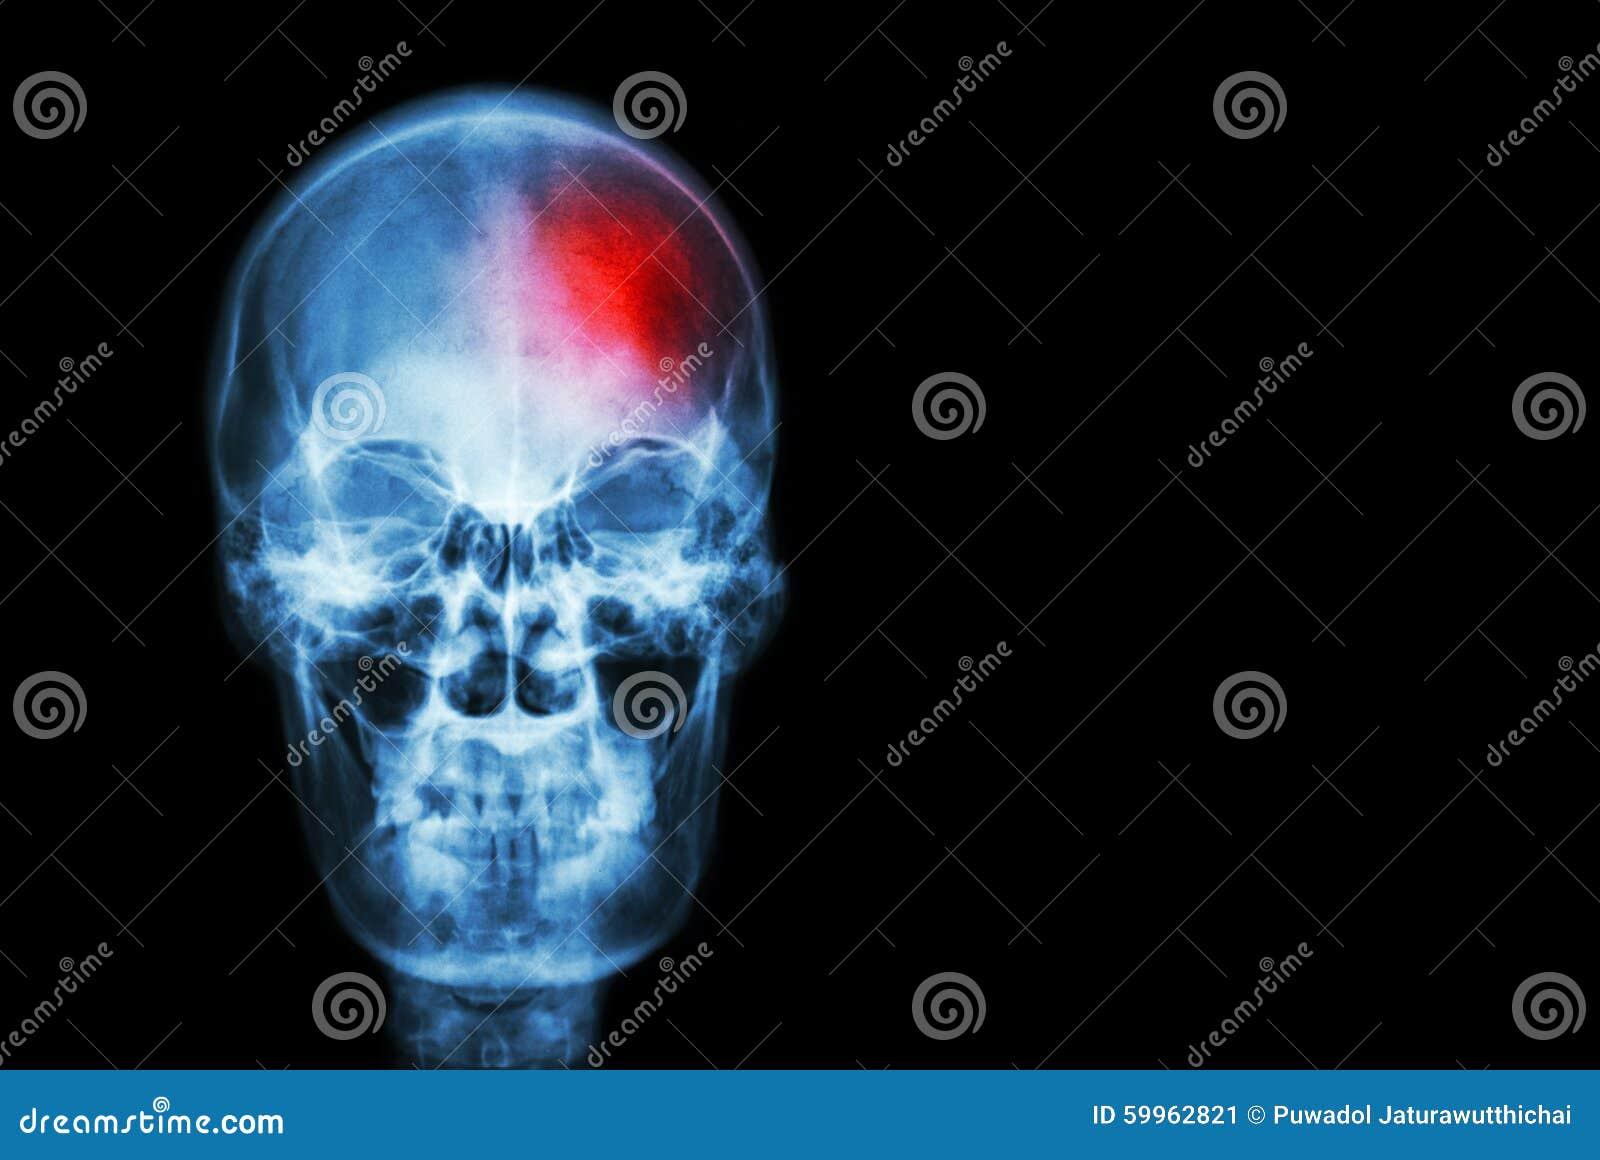 Ход (цереброваскулярная авария) снимите череп рентгеновского снимка человека с красной областью (медицинской, наукой и концепцией